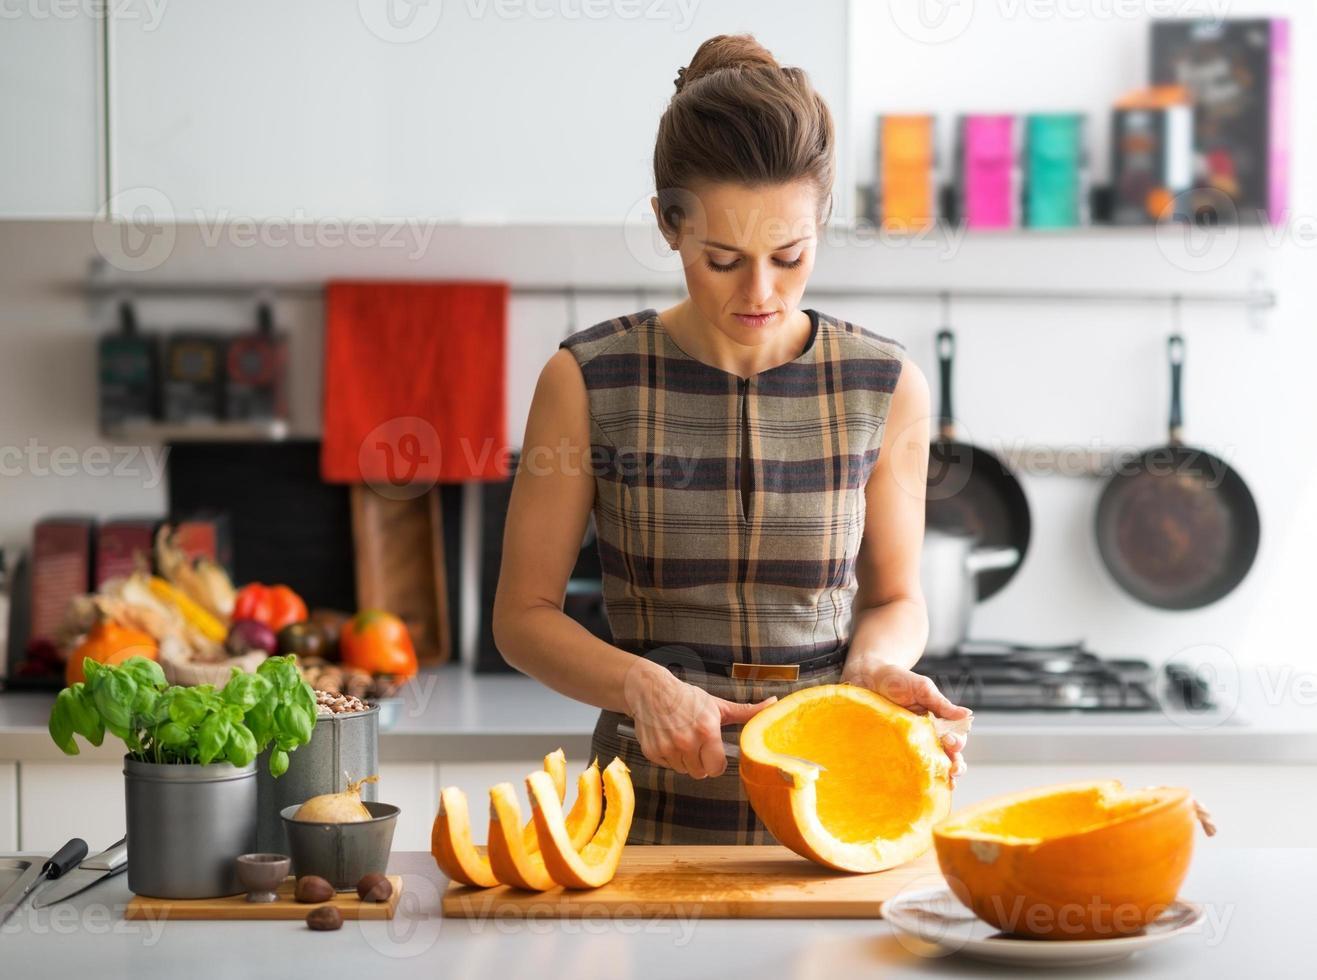 junge Hausfrau schneidet Kürbis in der Küche foto